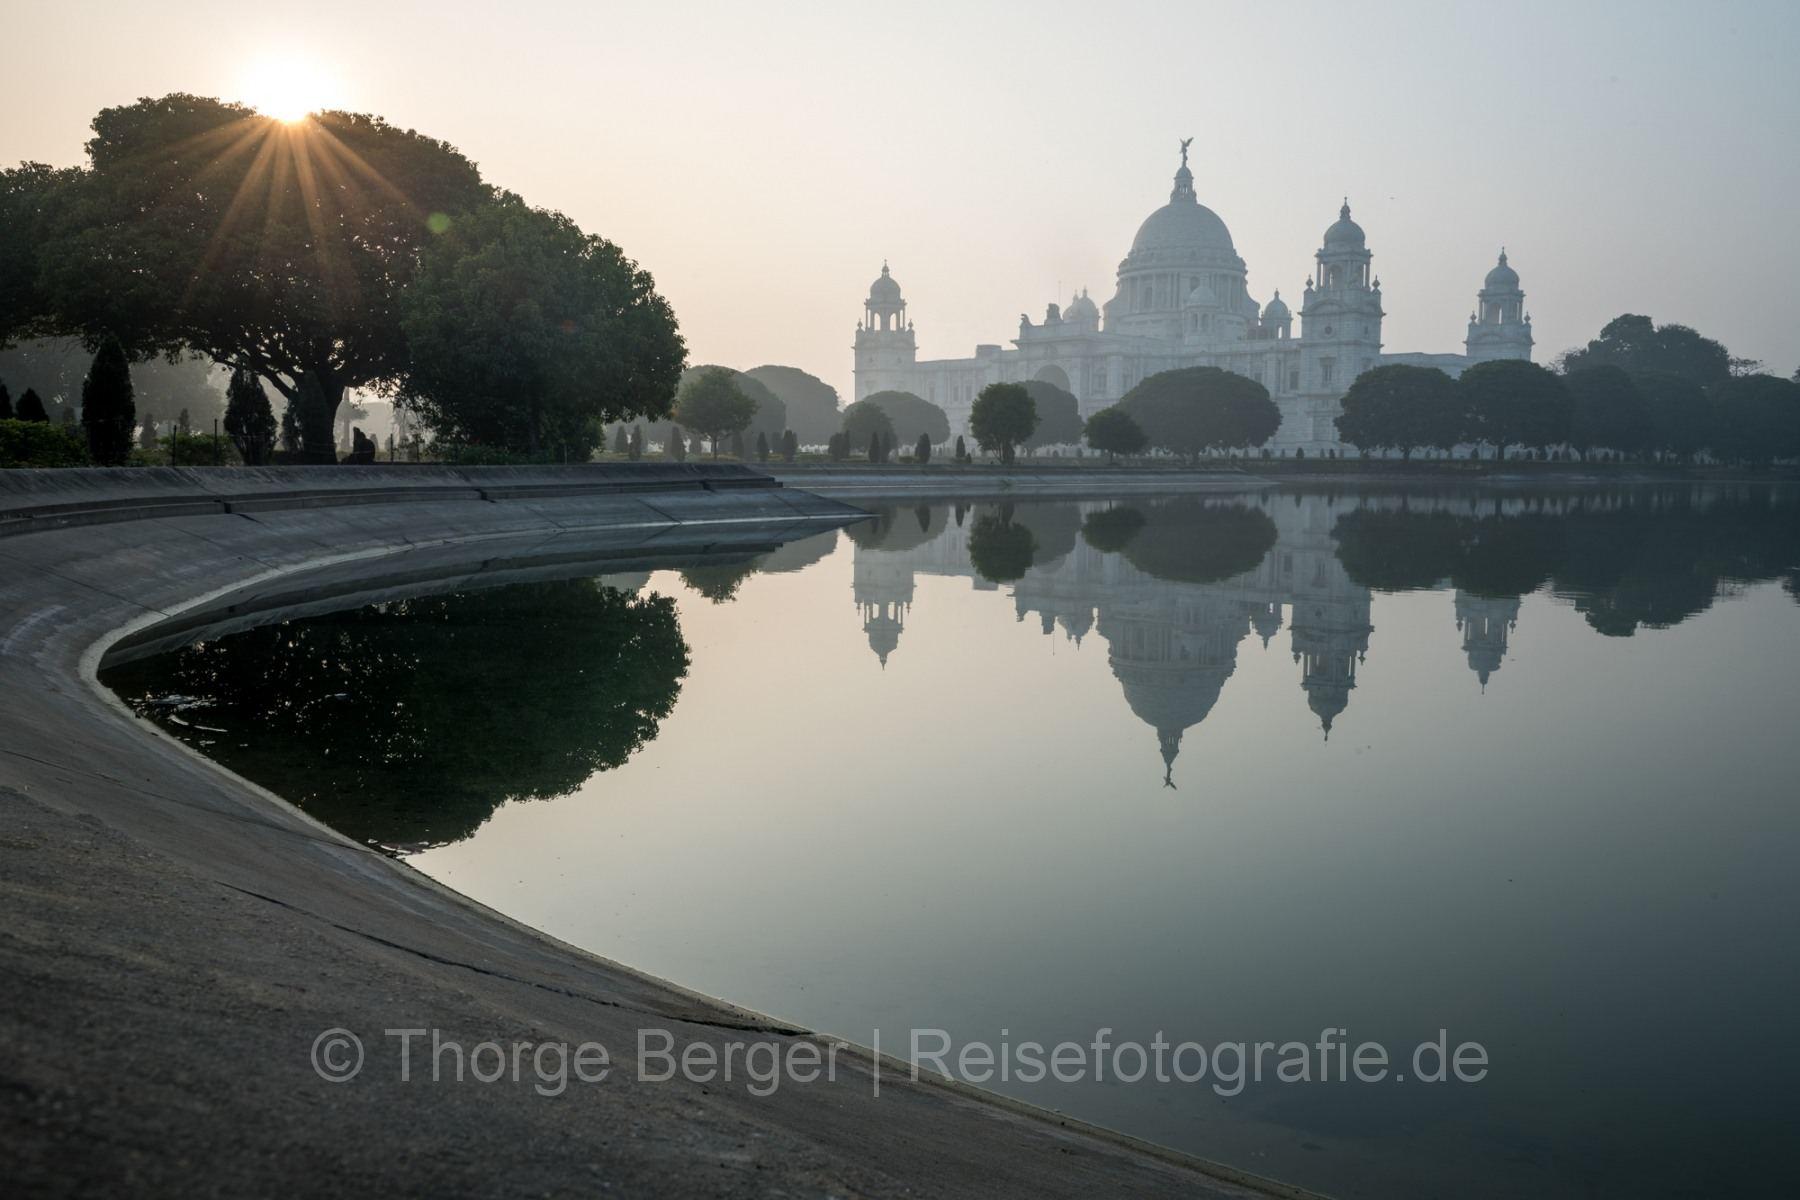 Victoria Monument Kolkata